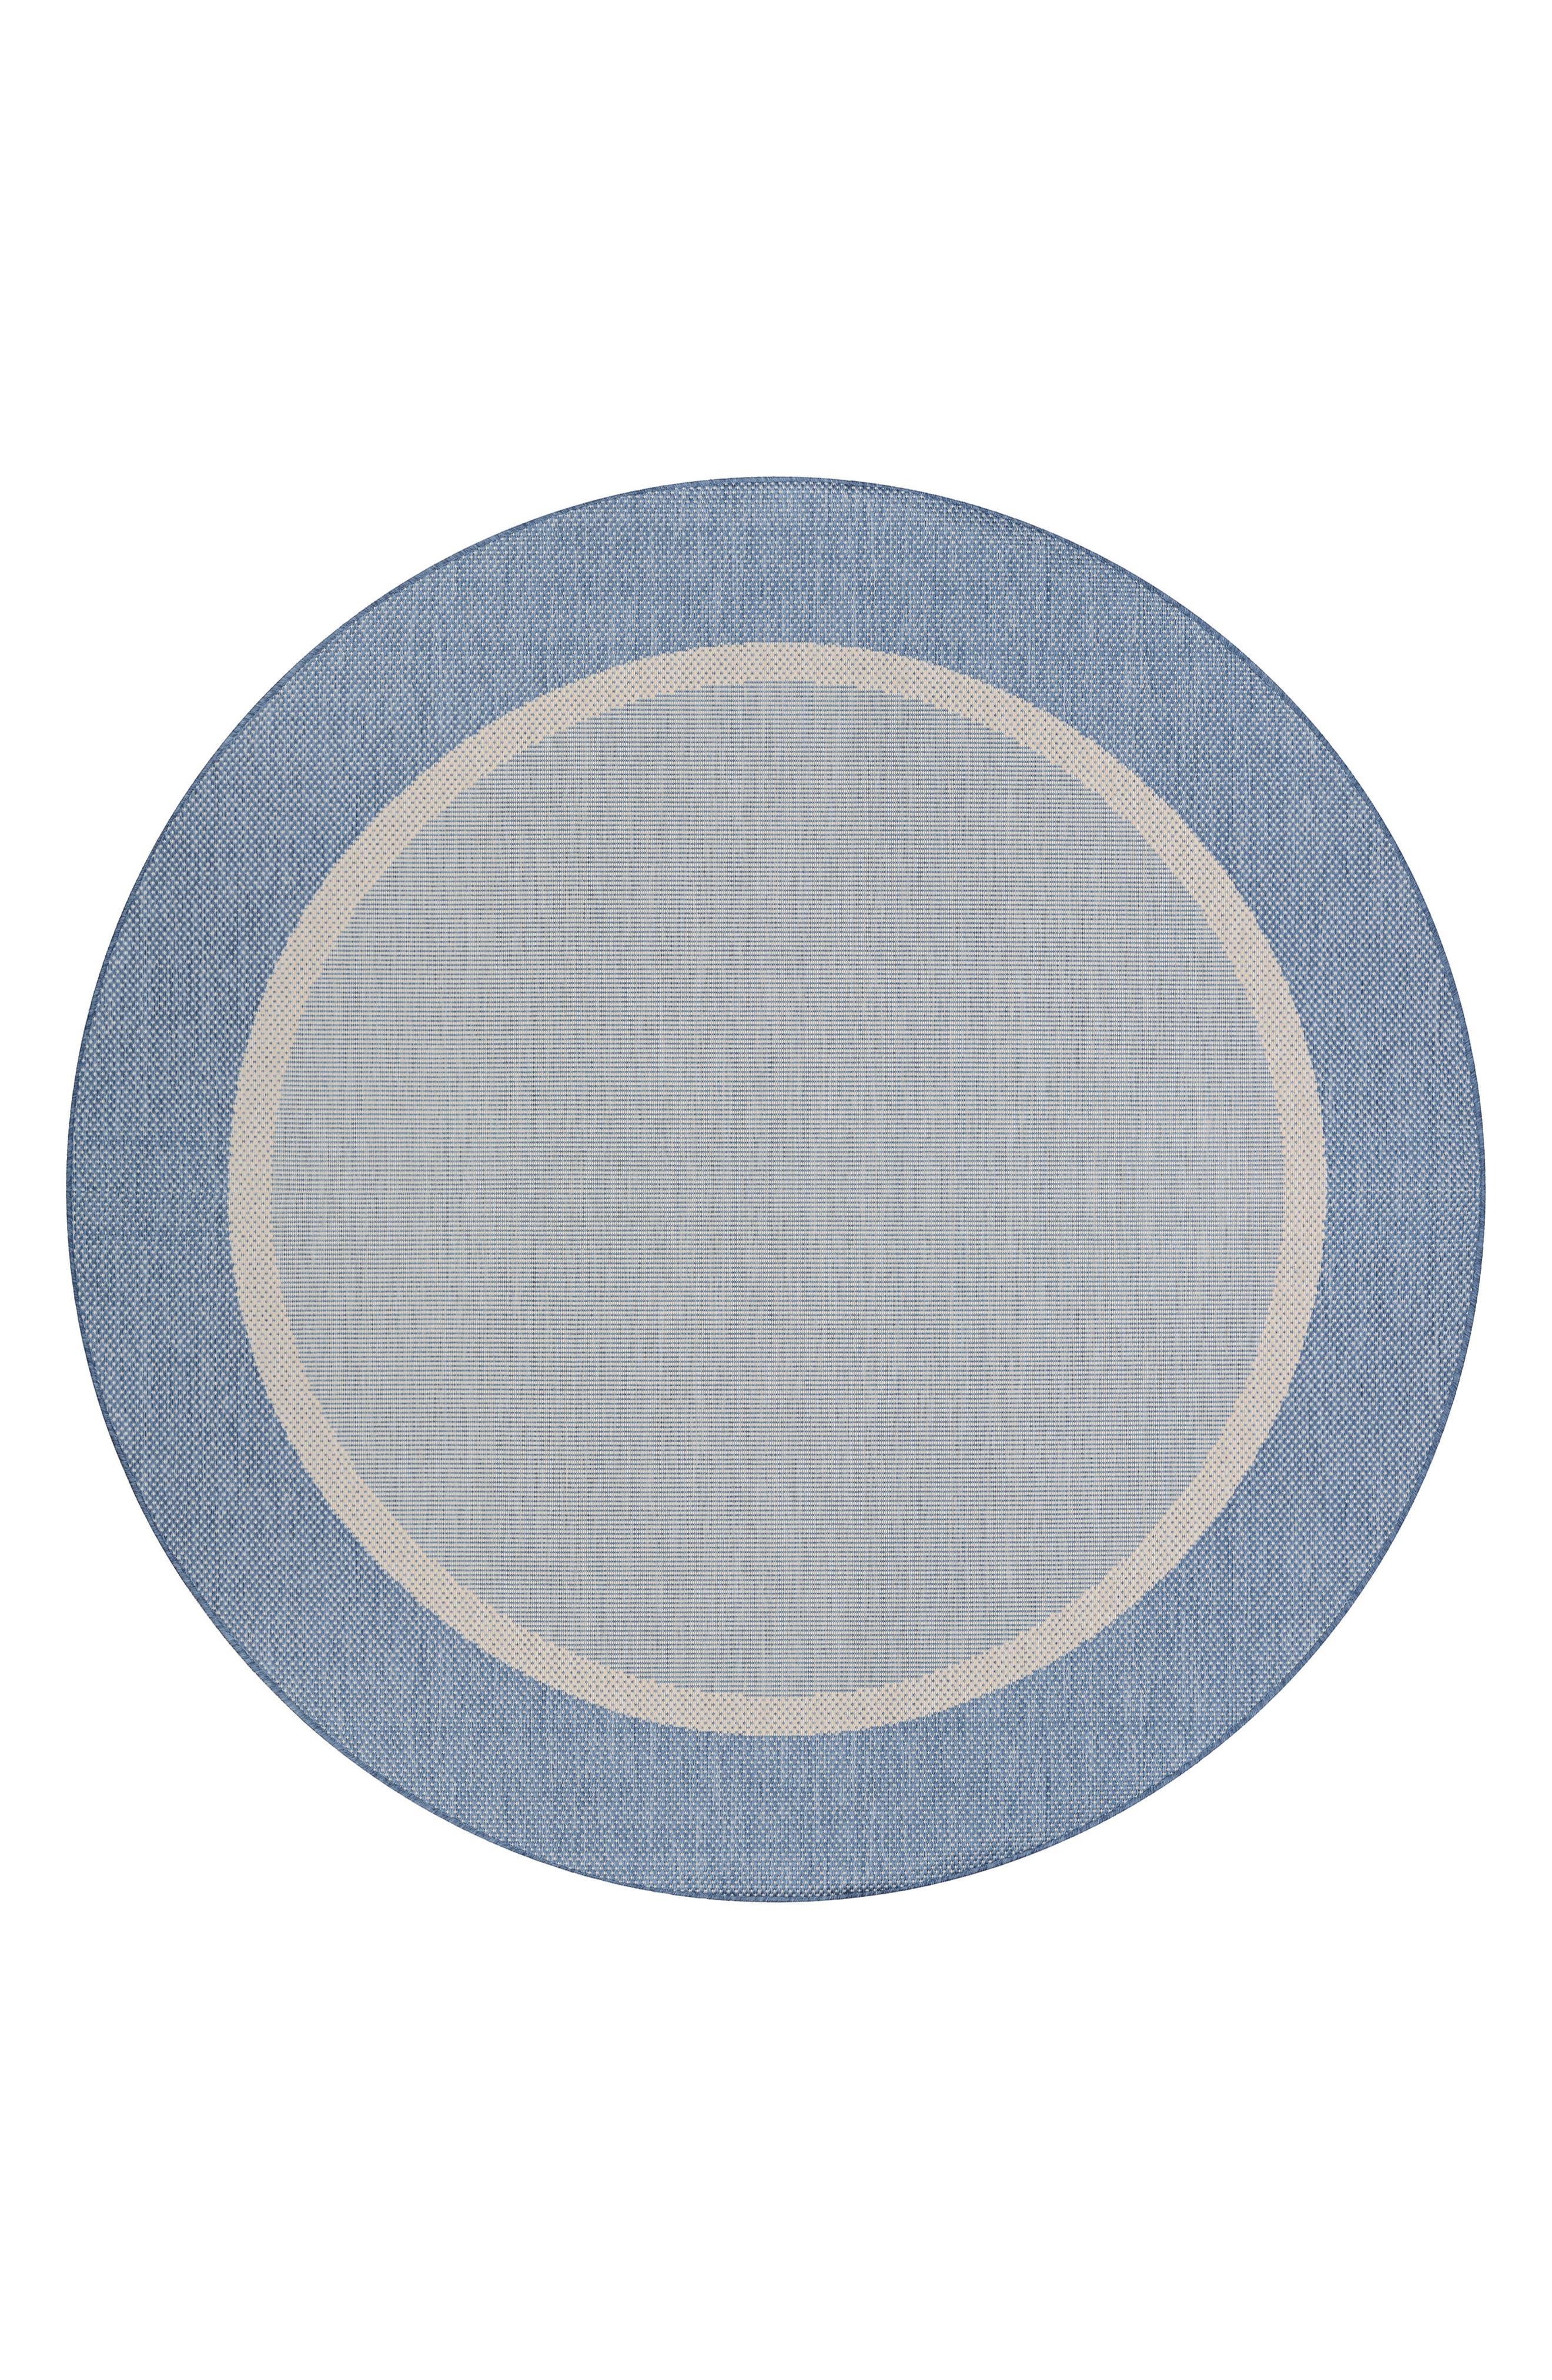 Main Image - Couristan Stria Texture Indoor/Outdoor Rug